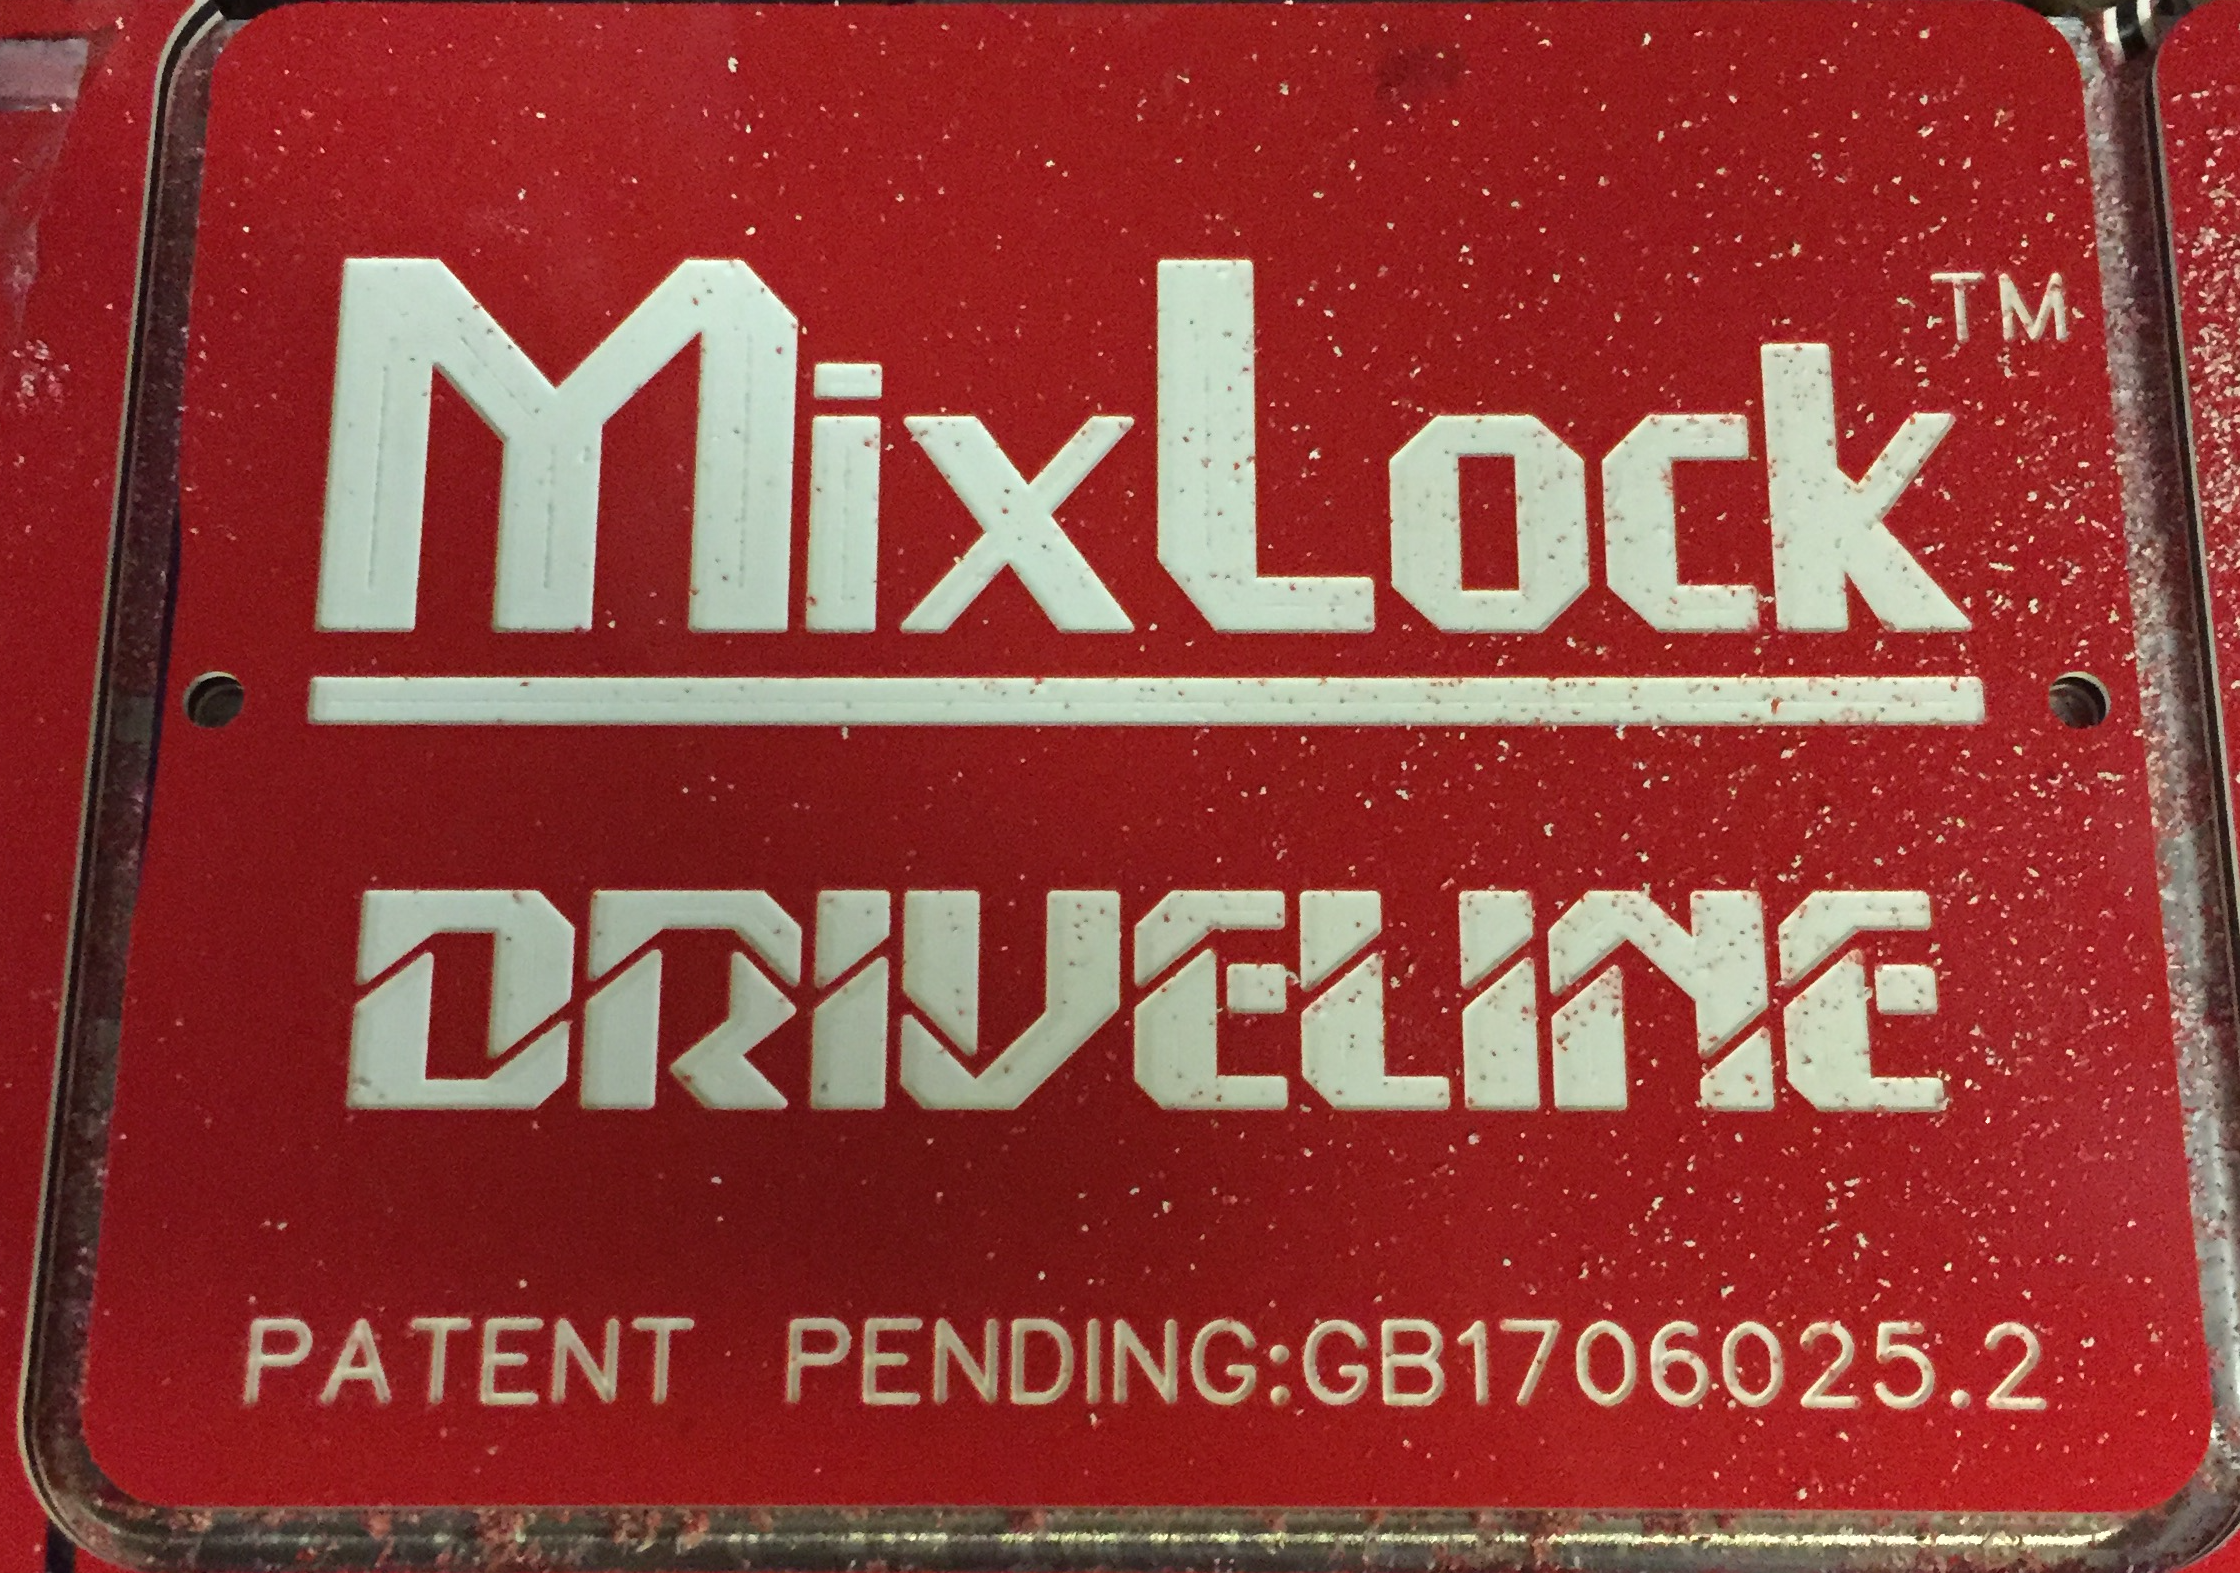 Mixlock